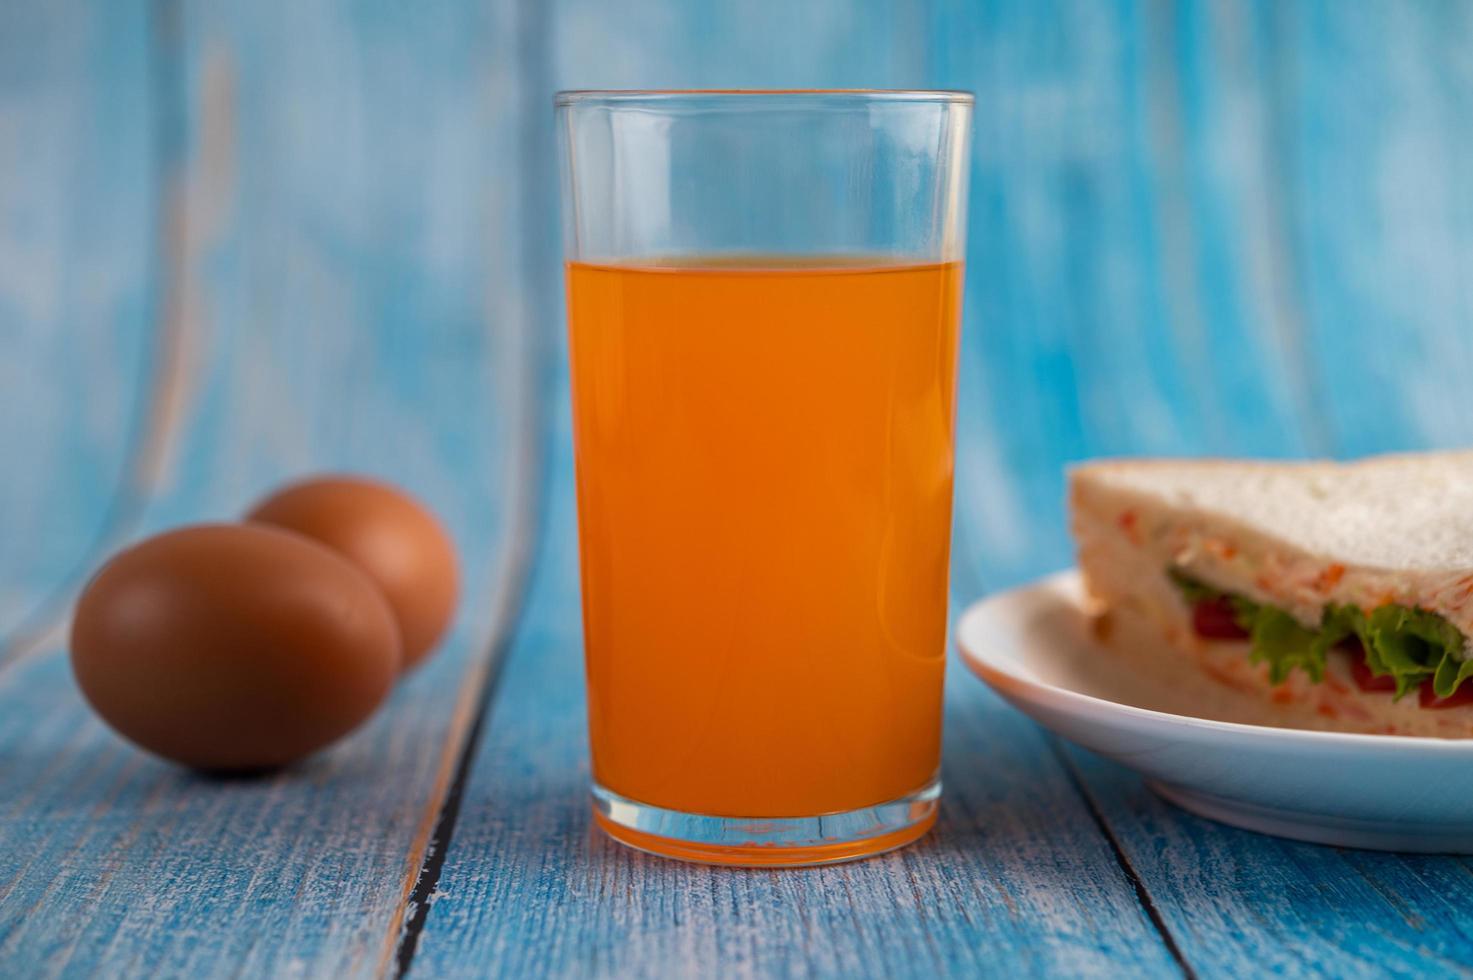 Sandwichs et jus d'orange sur table en bois bleu photo